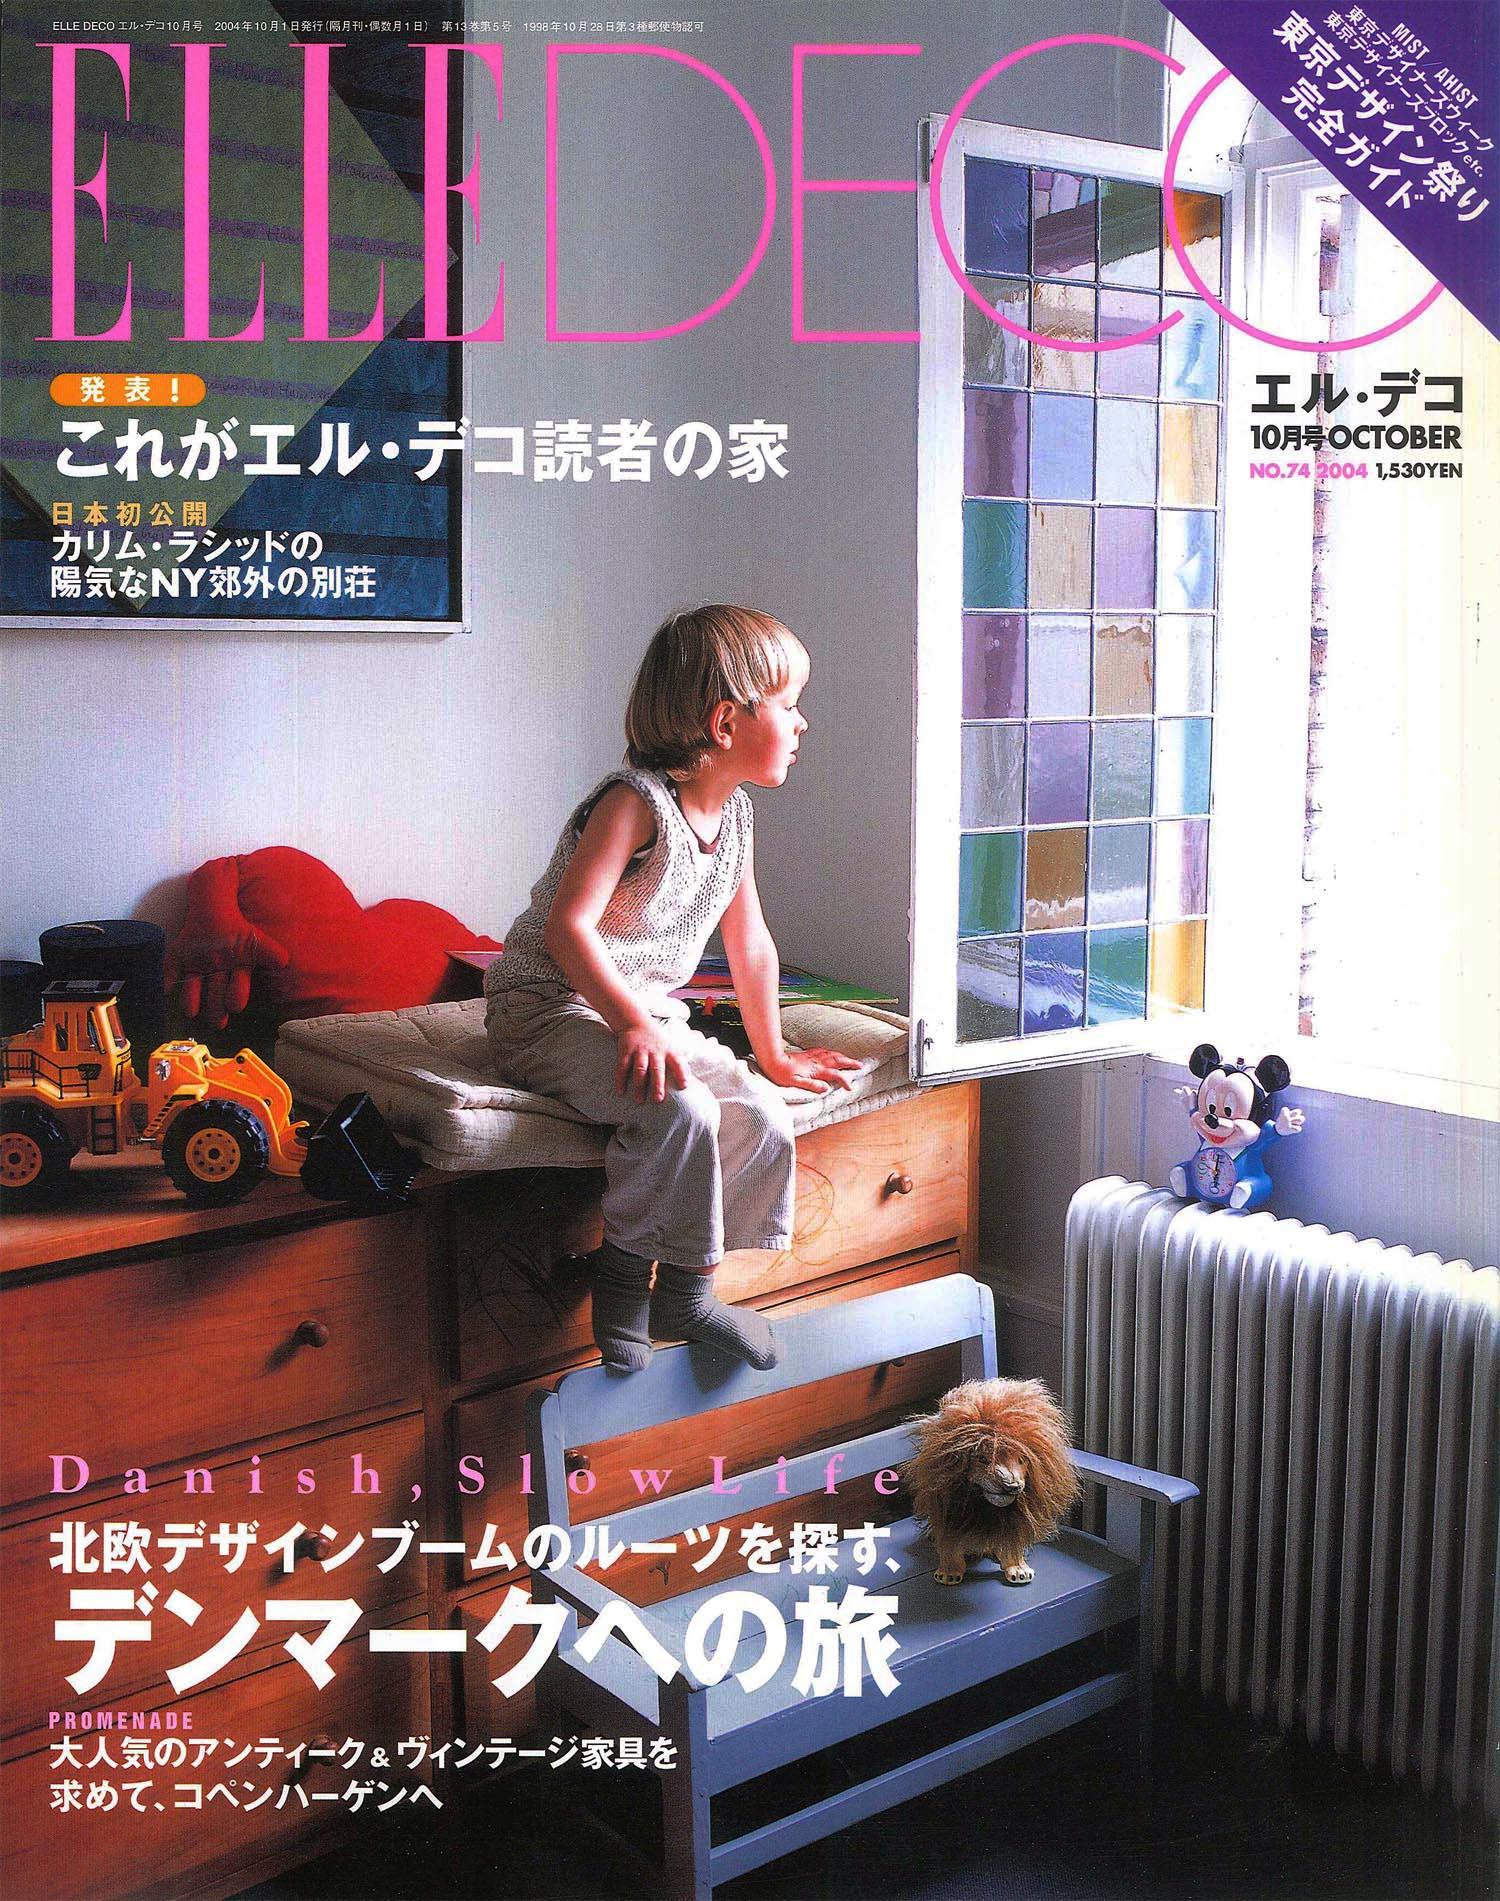 special article about<br>Emmanuelle Moureaux